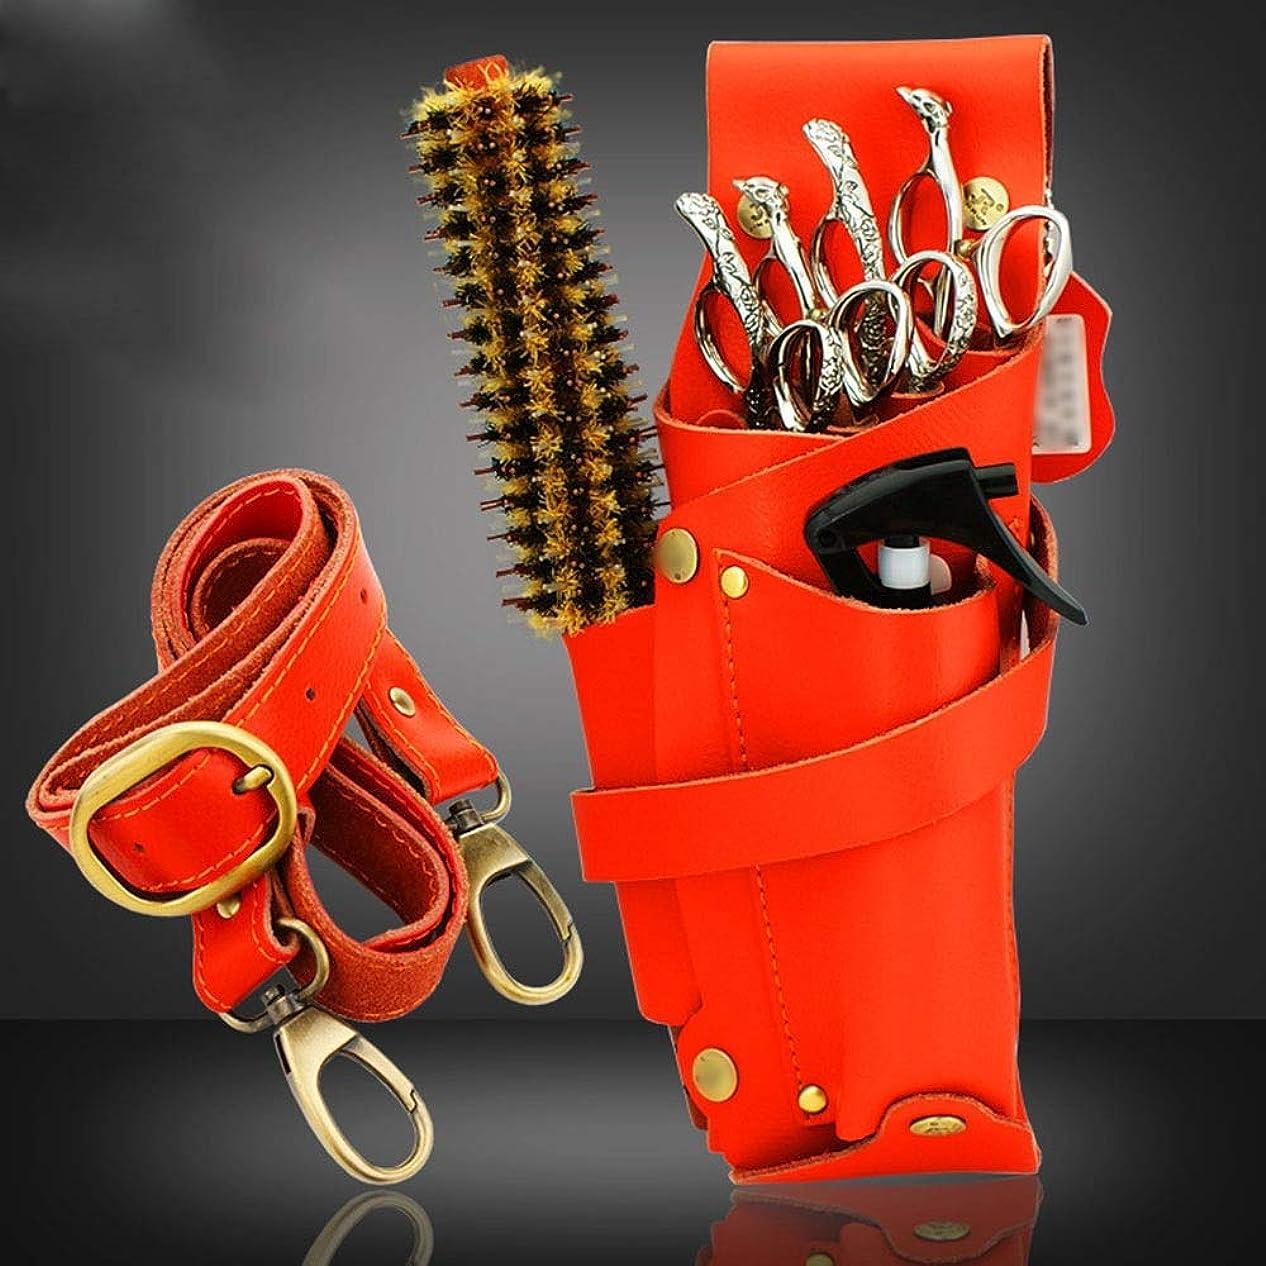 付添人定規大洪水JPAKIOS 多機能ヘアスタイリストホルスターポーチ、レザーバーバーシザーホルスターポーチ理髪ツールバッグ (色 : オレンジ)